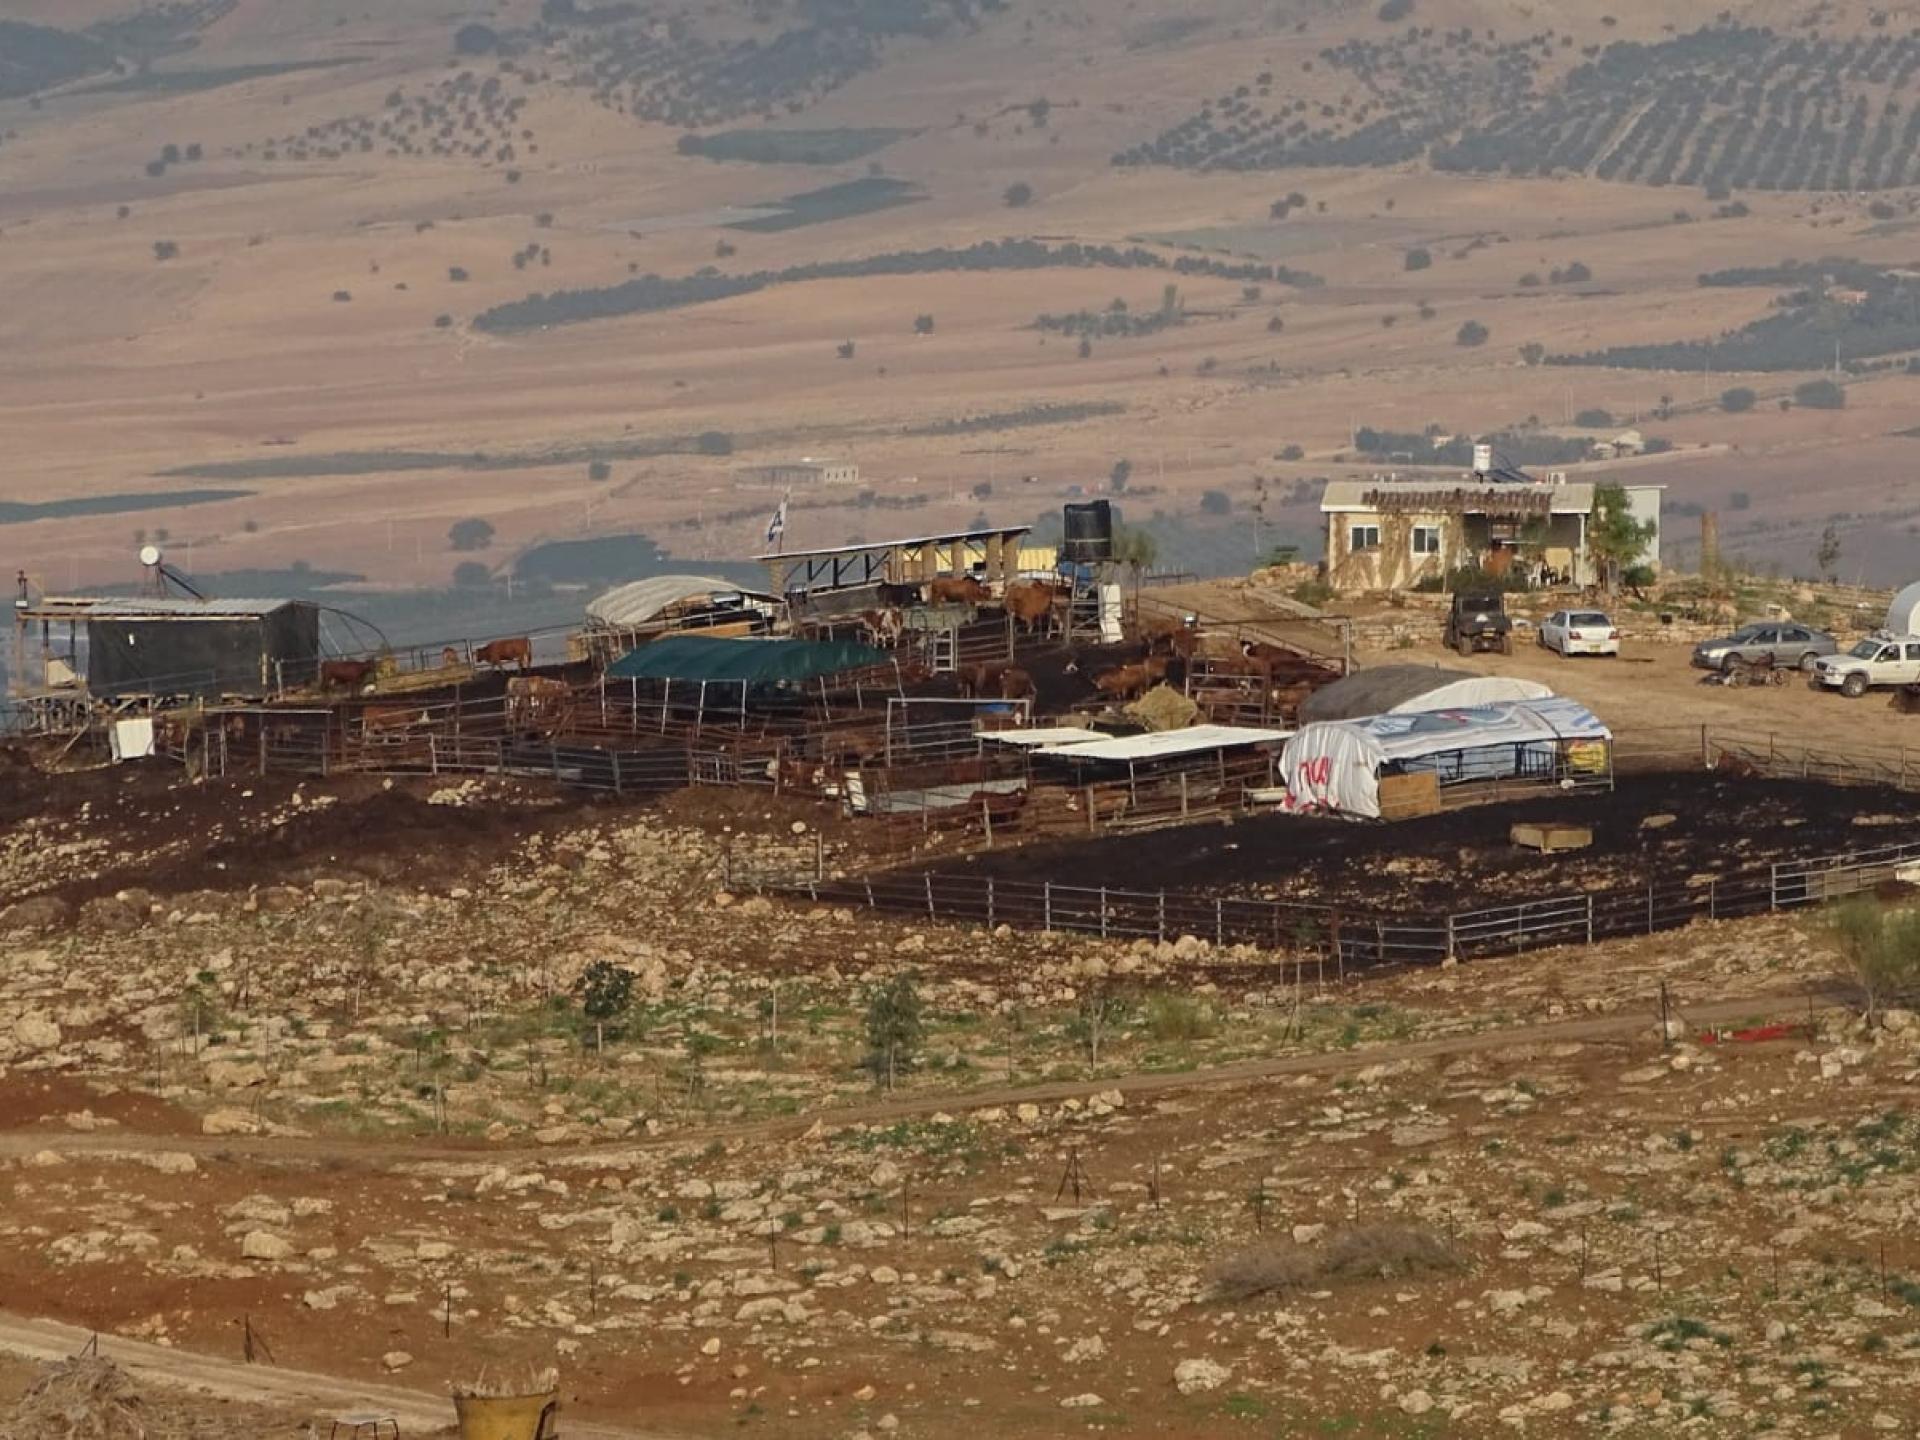 בקעת הירדן: המאחז הפיראטי באום זוקא הופך לאחוזה של איש אחד